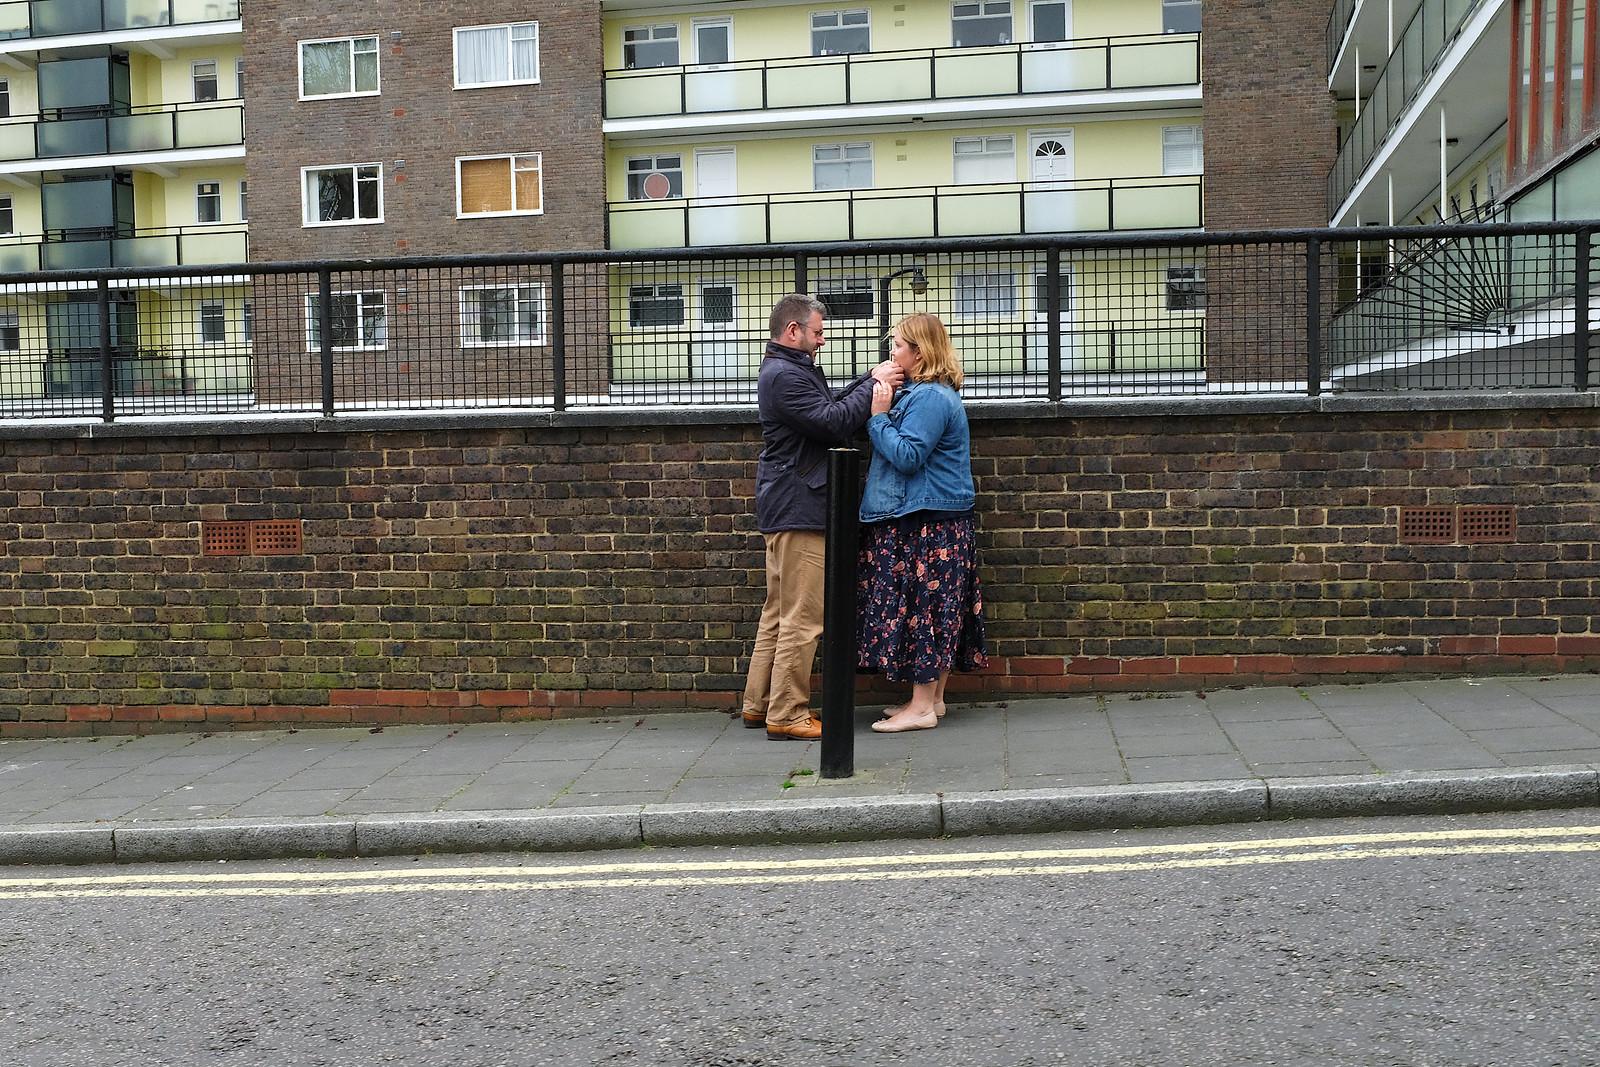 A man checks a woman's face